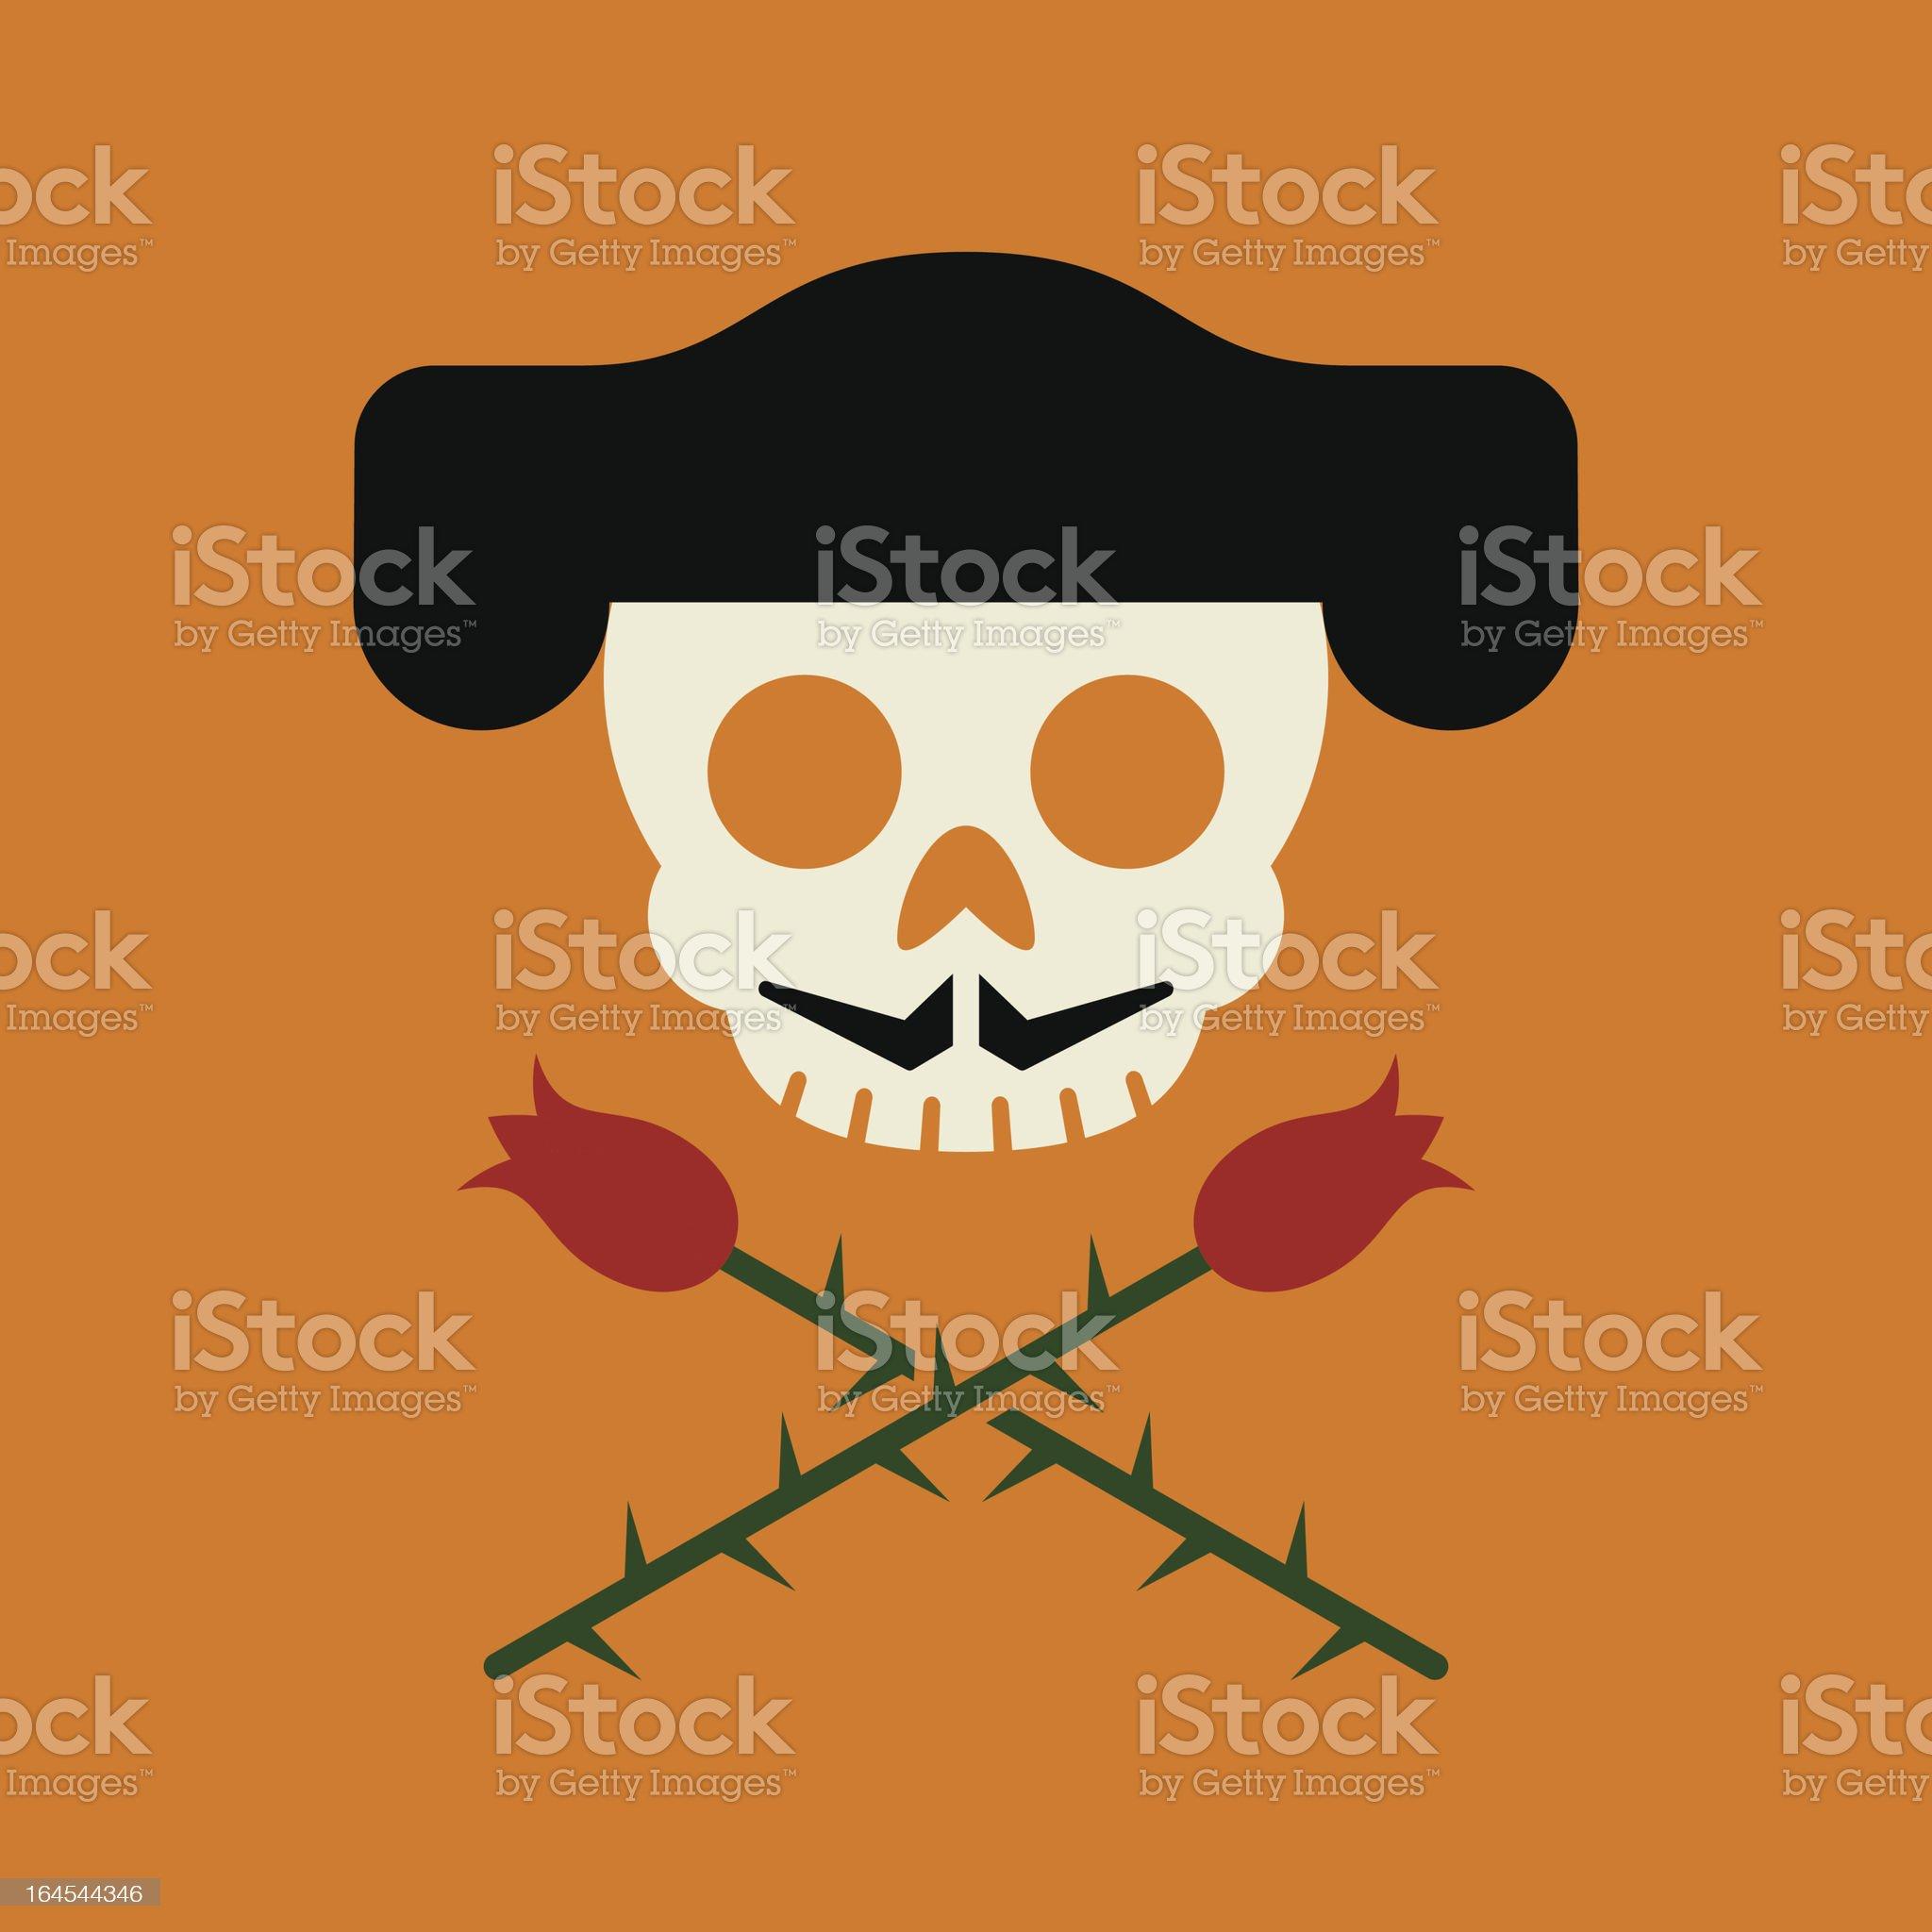 Jolly Matador royalty-free stock vector art